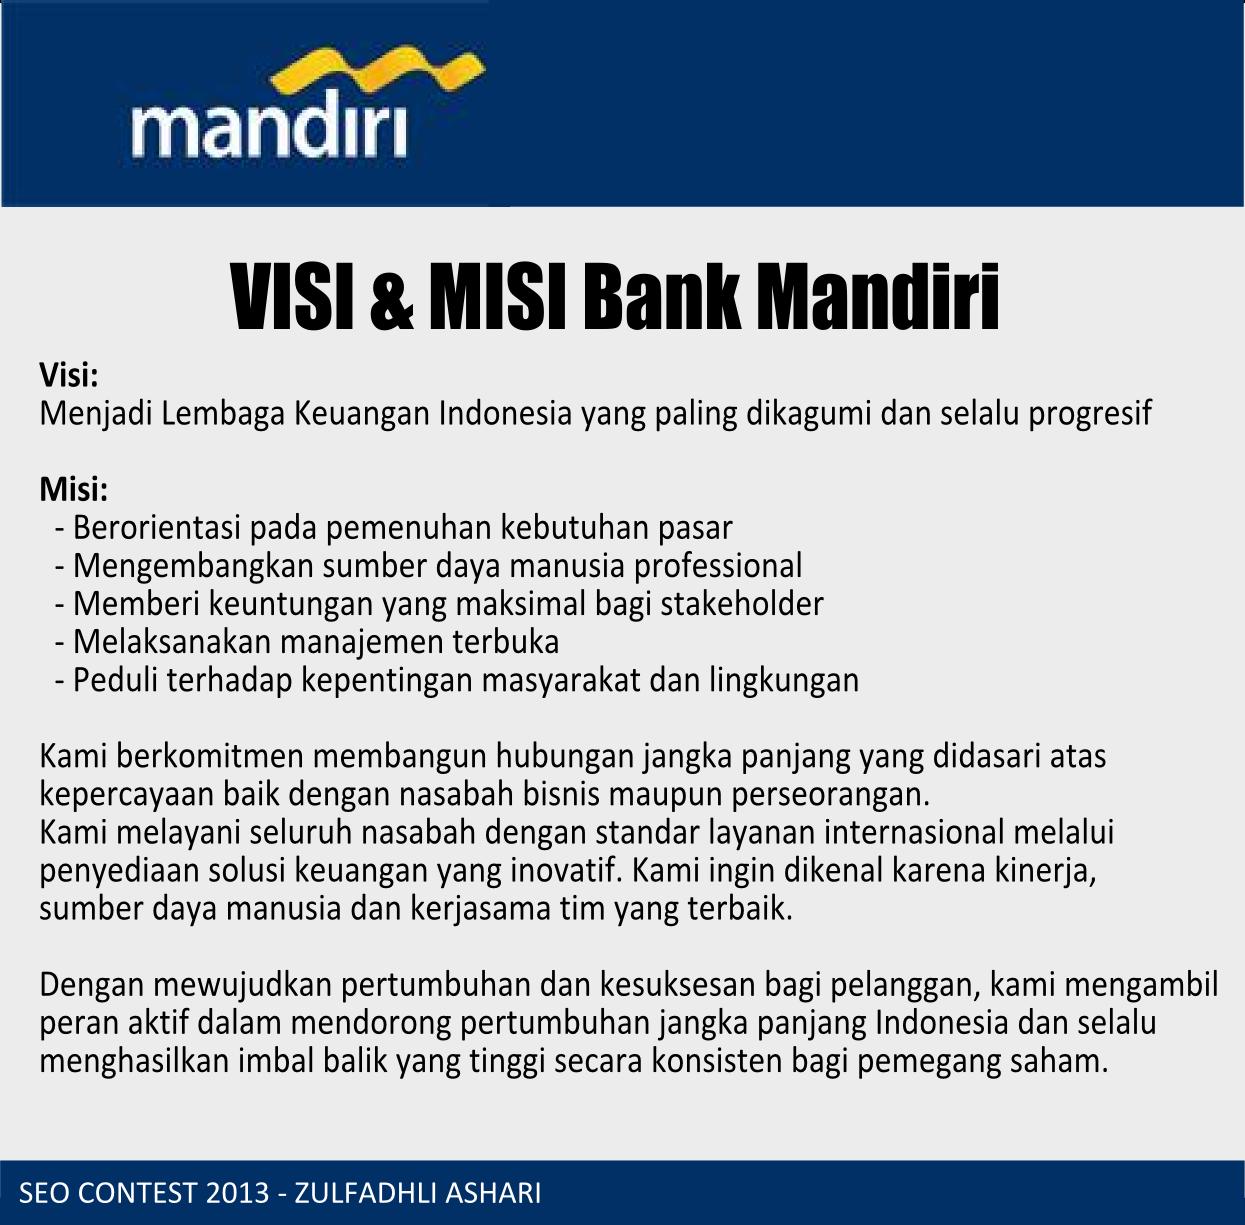 visi misi Bank Mandiri